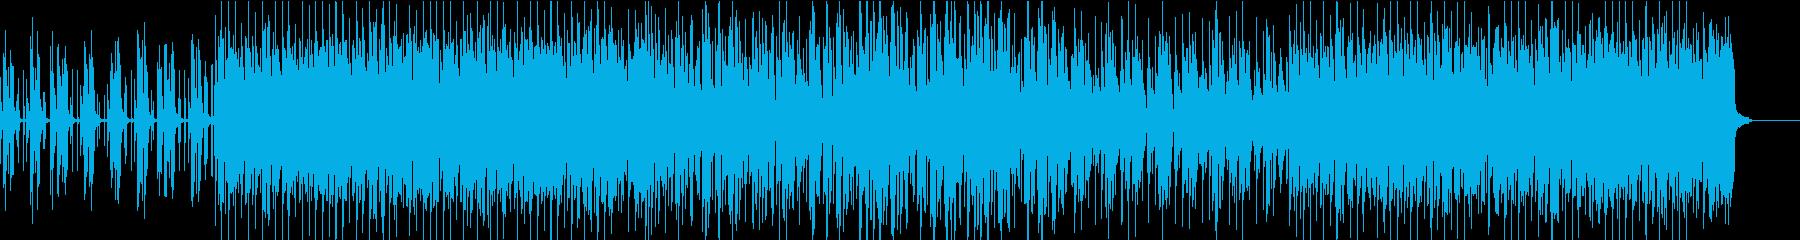 ゆるくてほのぼのして軽快なBGMの再生済みの波形